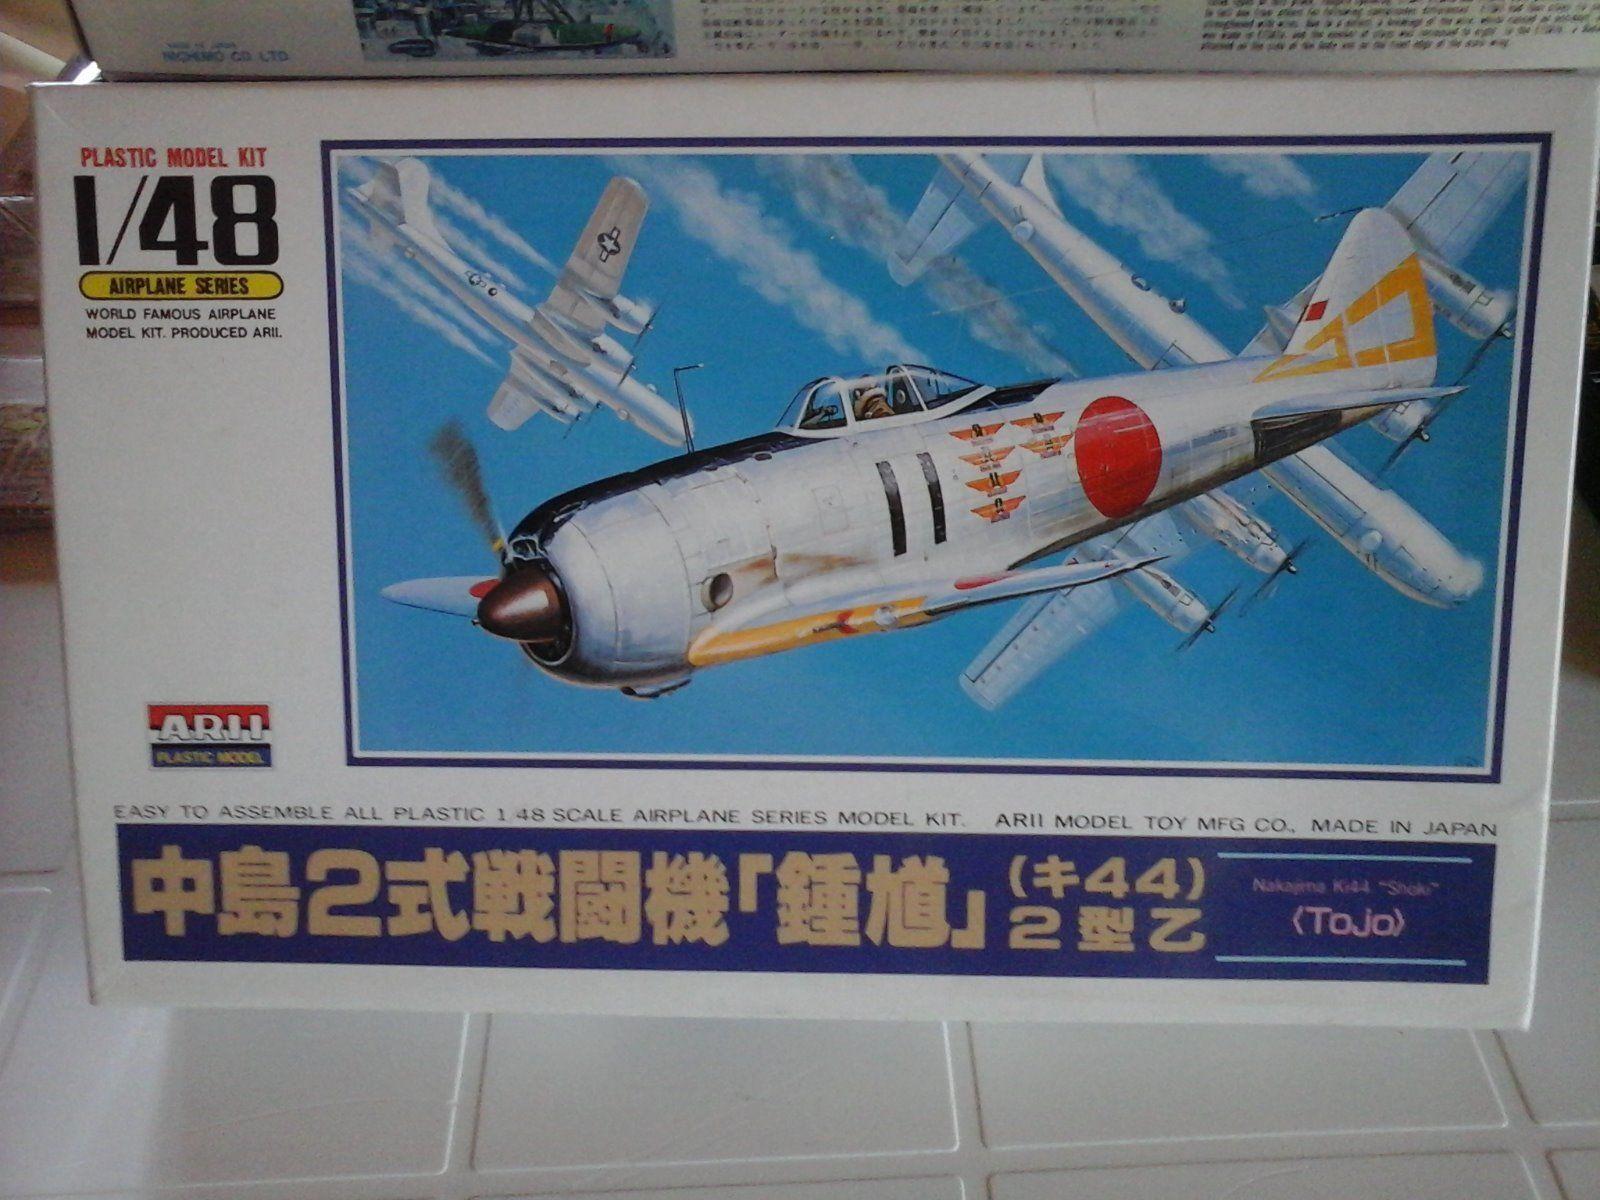 NAKAJIMA KI44 SHOKI  TOJO  INTERCEPTOR FIGHTER 1 48 SCALE ARII MODEL JAPAN